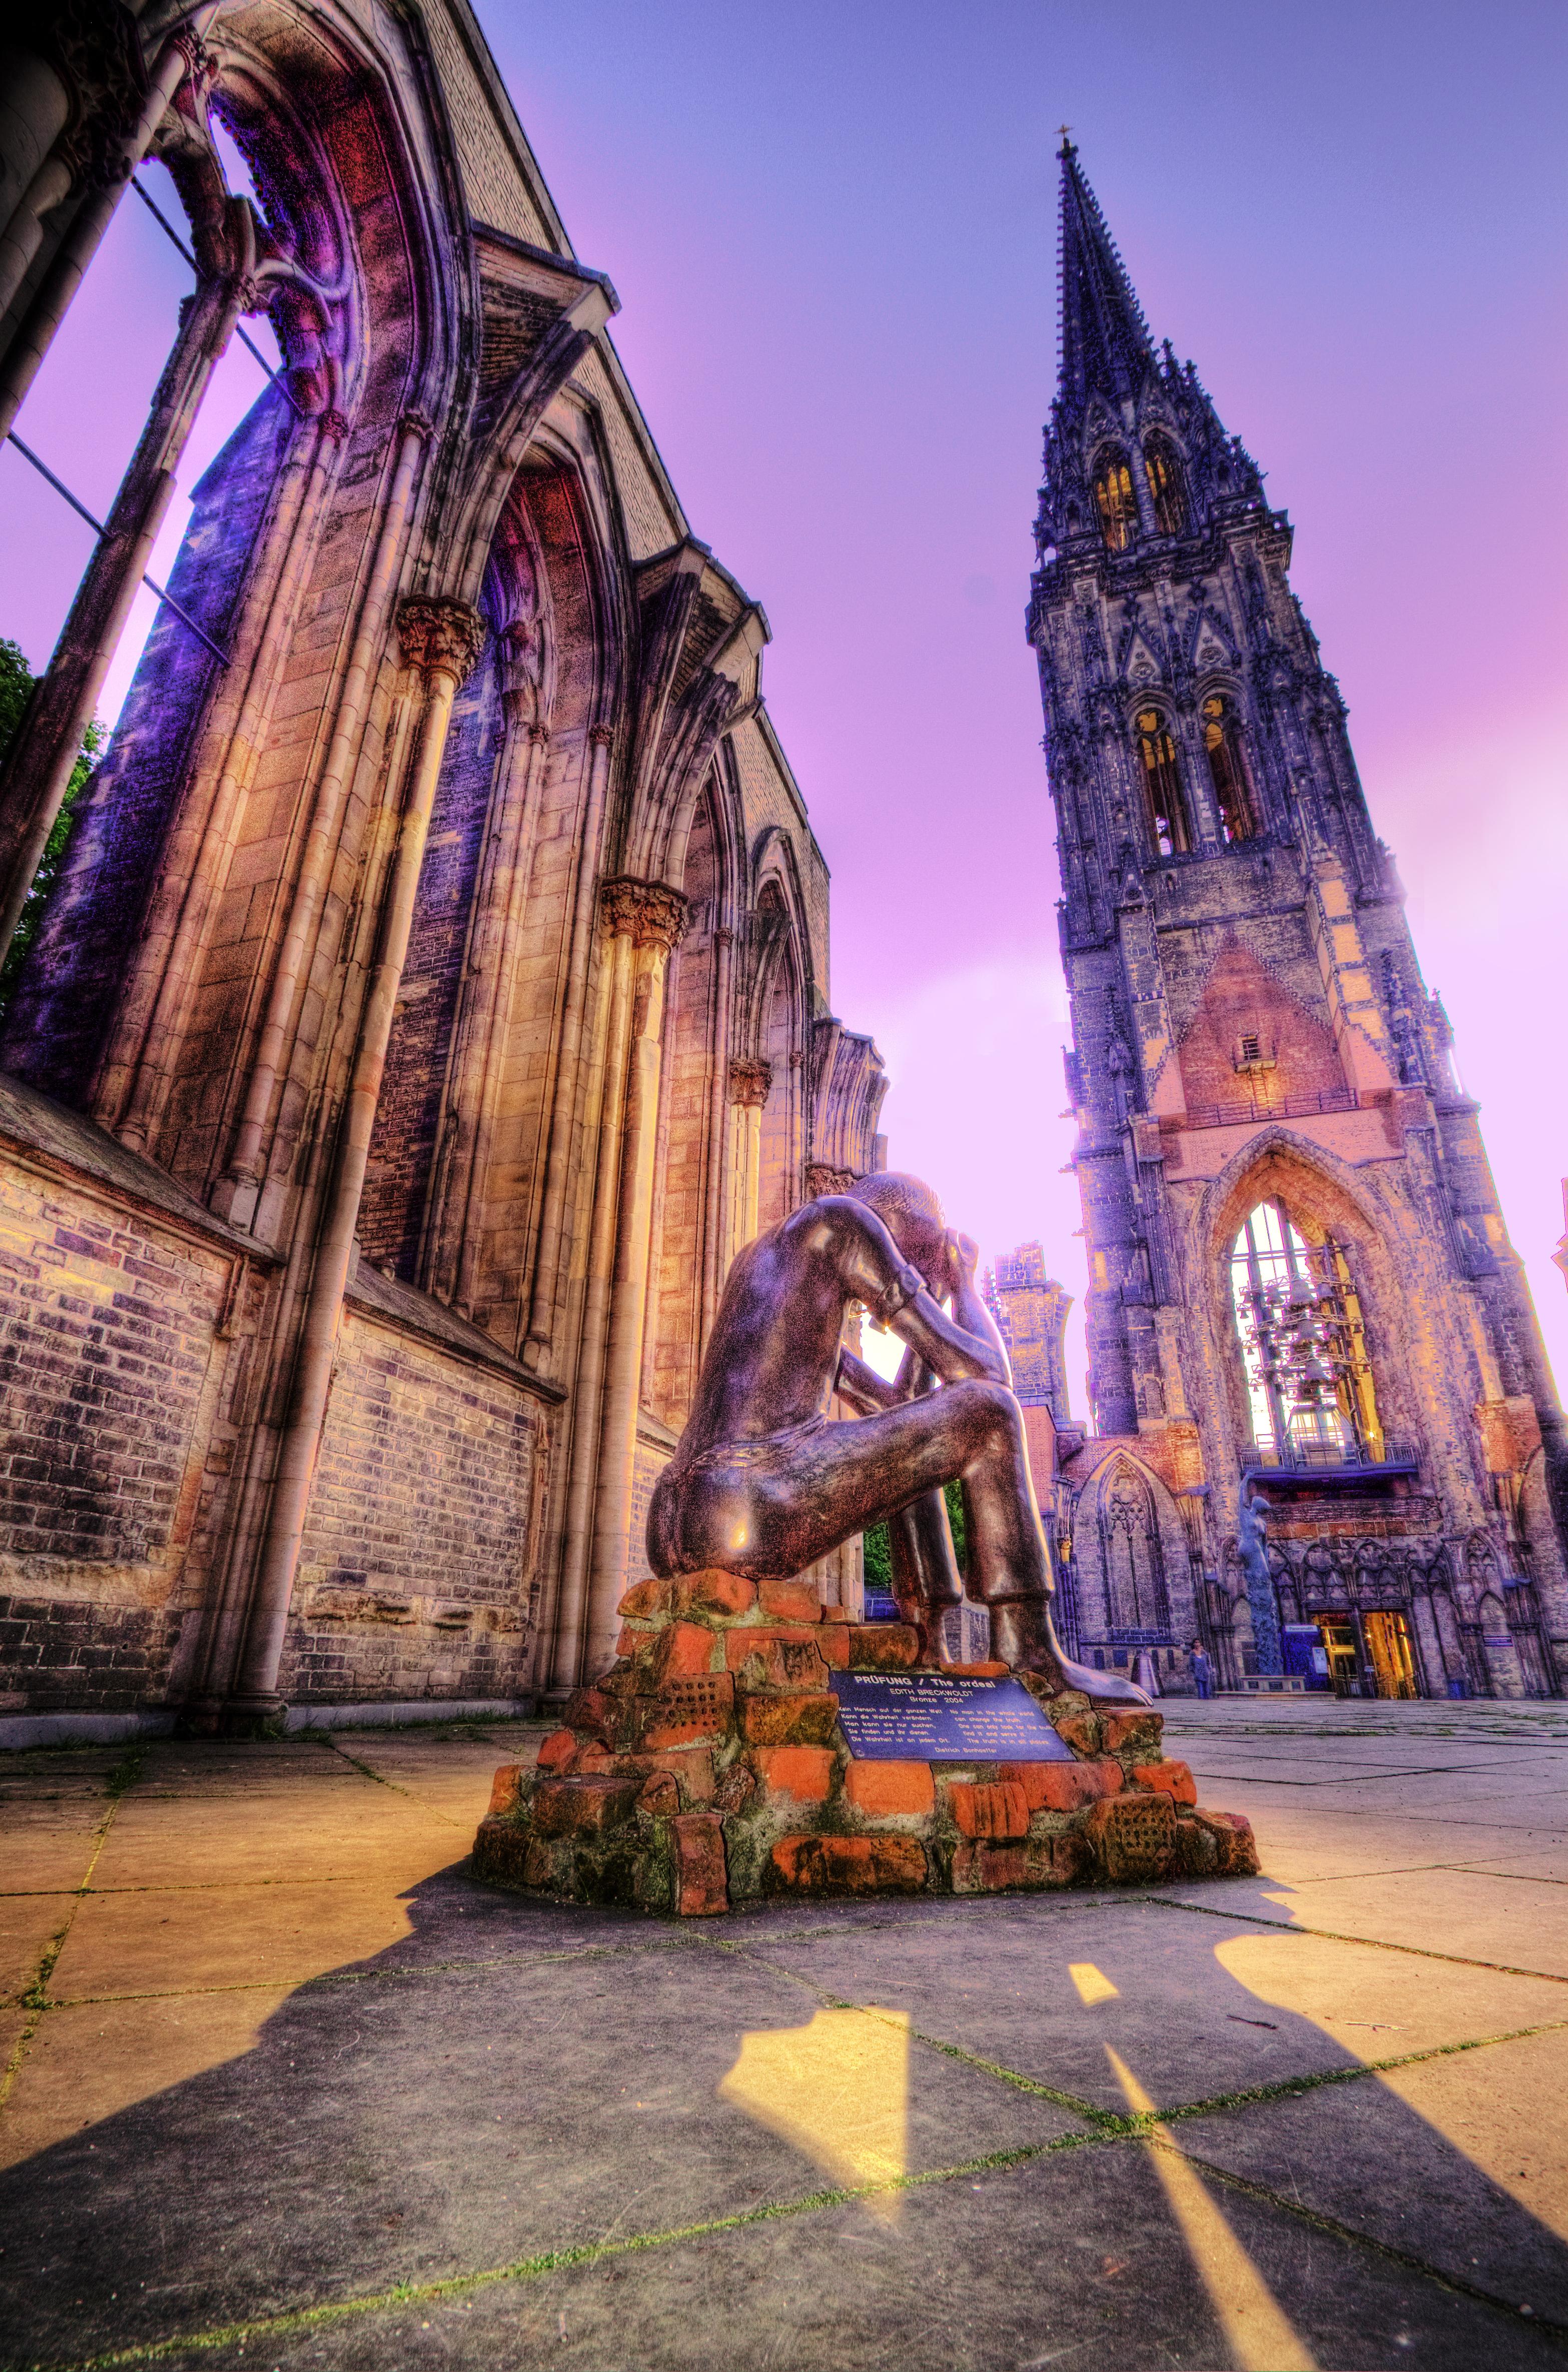 Вместе с установленными неподалеку скульптурами пострадавший в результате бомбежек Собор Святого Николая стал уникальным памятником, кричащим о безумии мировой войны.